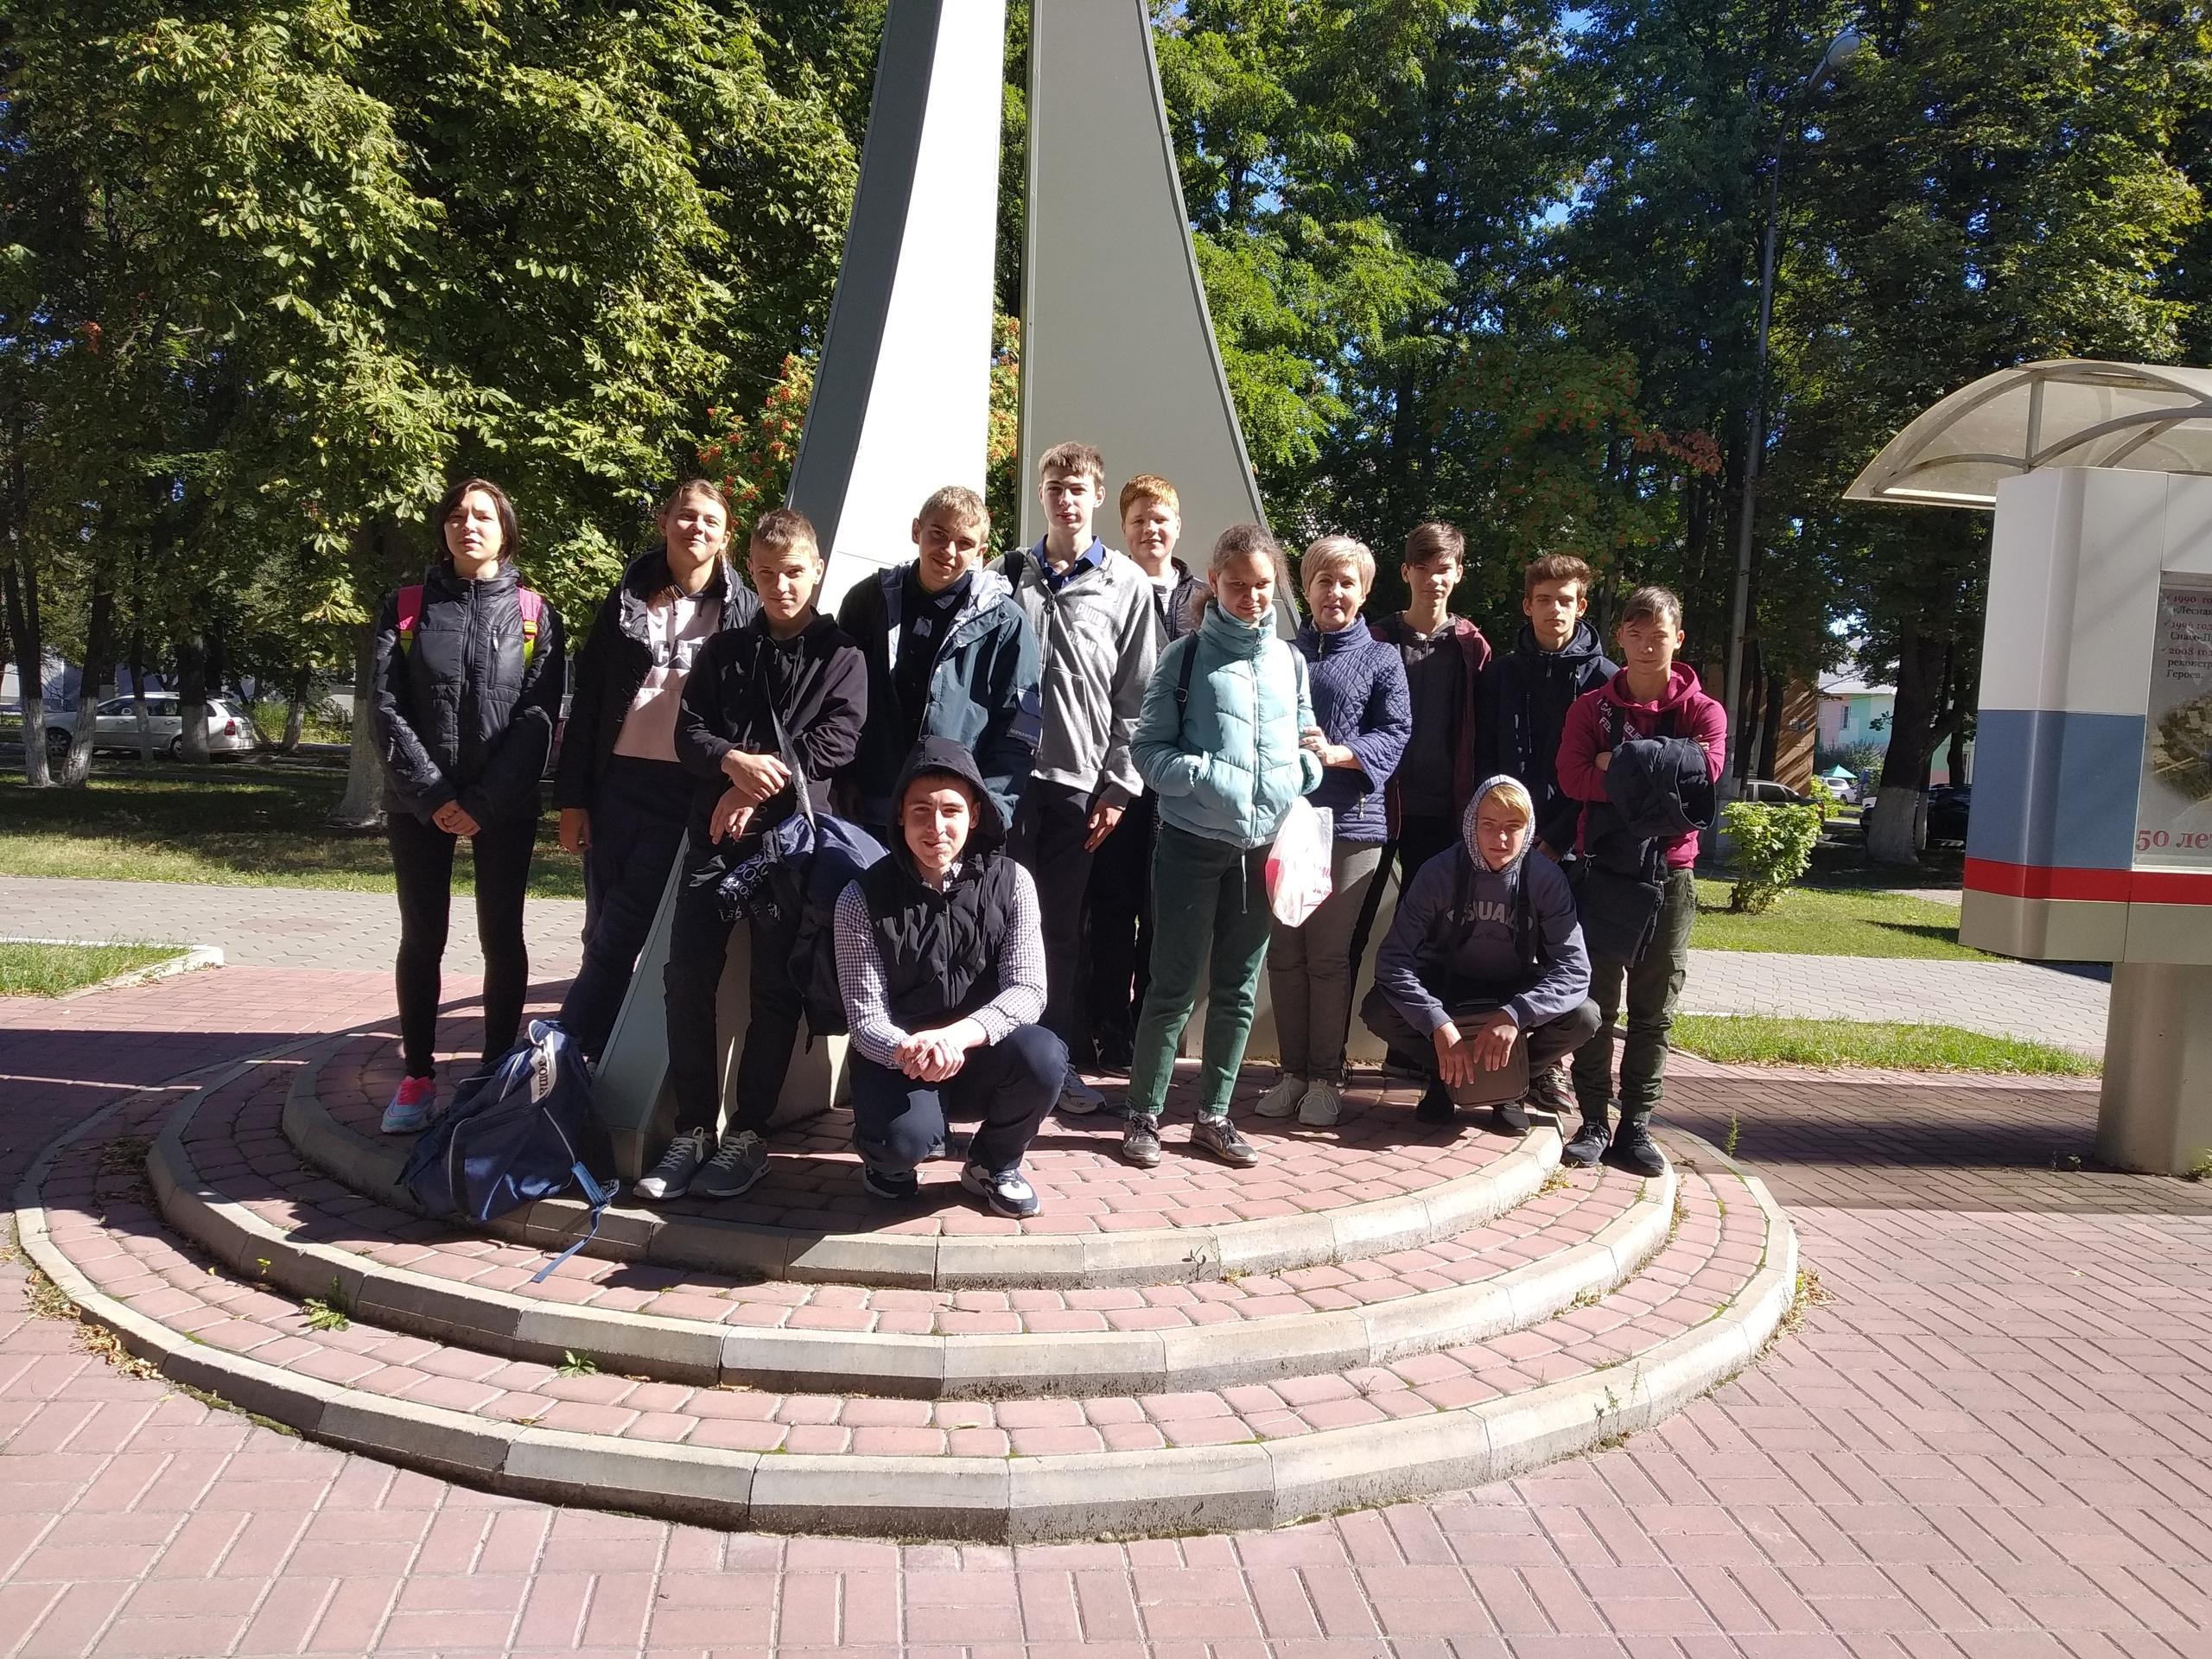 экскурсия в сквер шахтерской славы с посещением церкви Ксении Петербуржской для слушателей первого курса (группы Ш-21(1), Ш-21 (2)